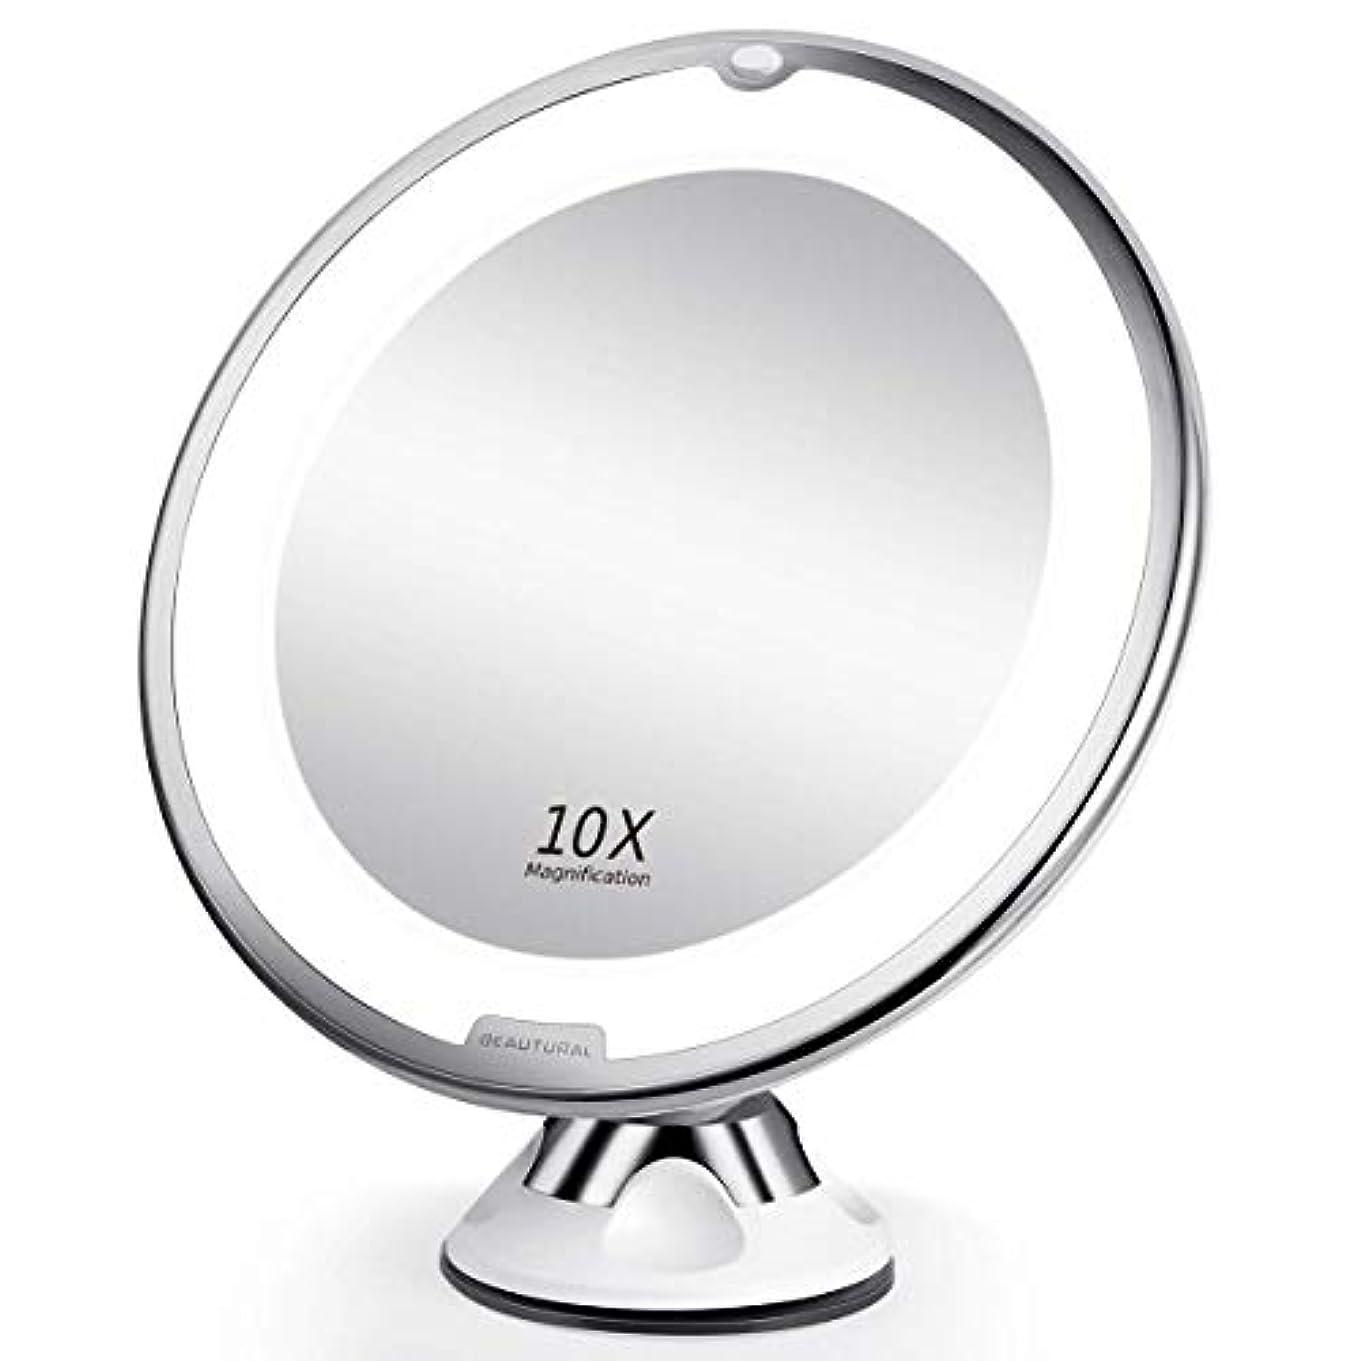 損傷単位こだわりBeautural 10倍拡大鏡 化粧 拡大鏡 LED化粧鏡 浴室用鏡 LEDミラー 360度回転 吸盤ロック付き スタンド/壁掛け両用 防錆 乾電池式